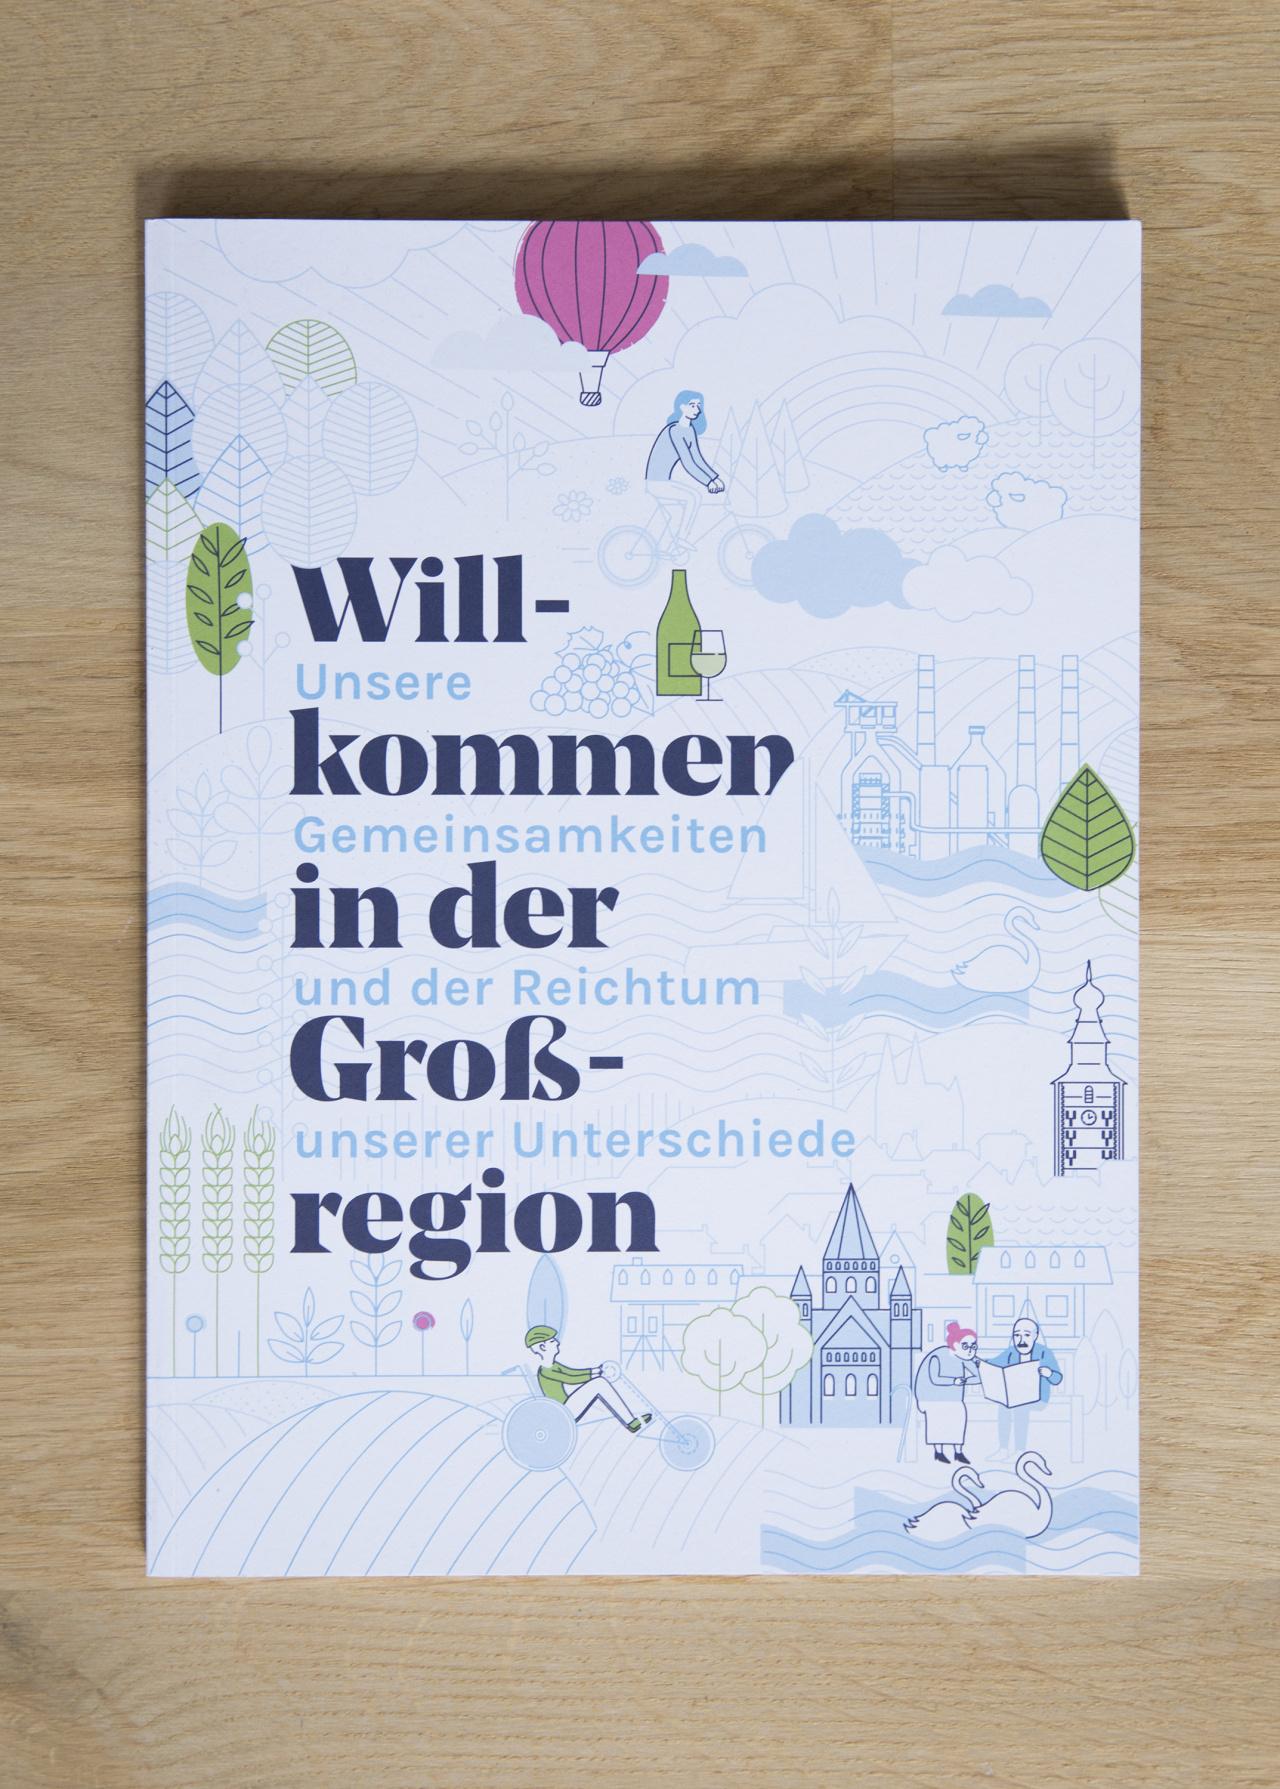 Willkommen in der Großregion image #1